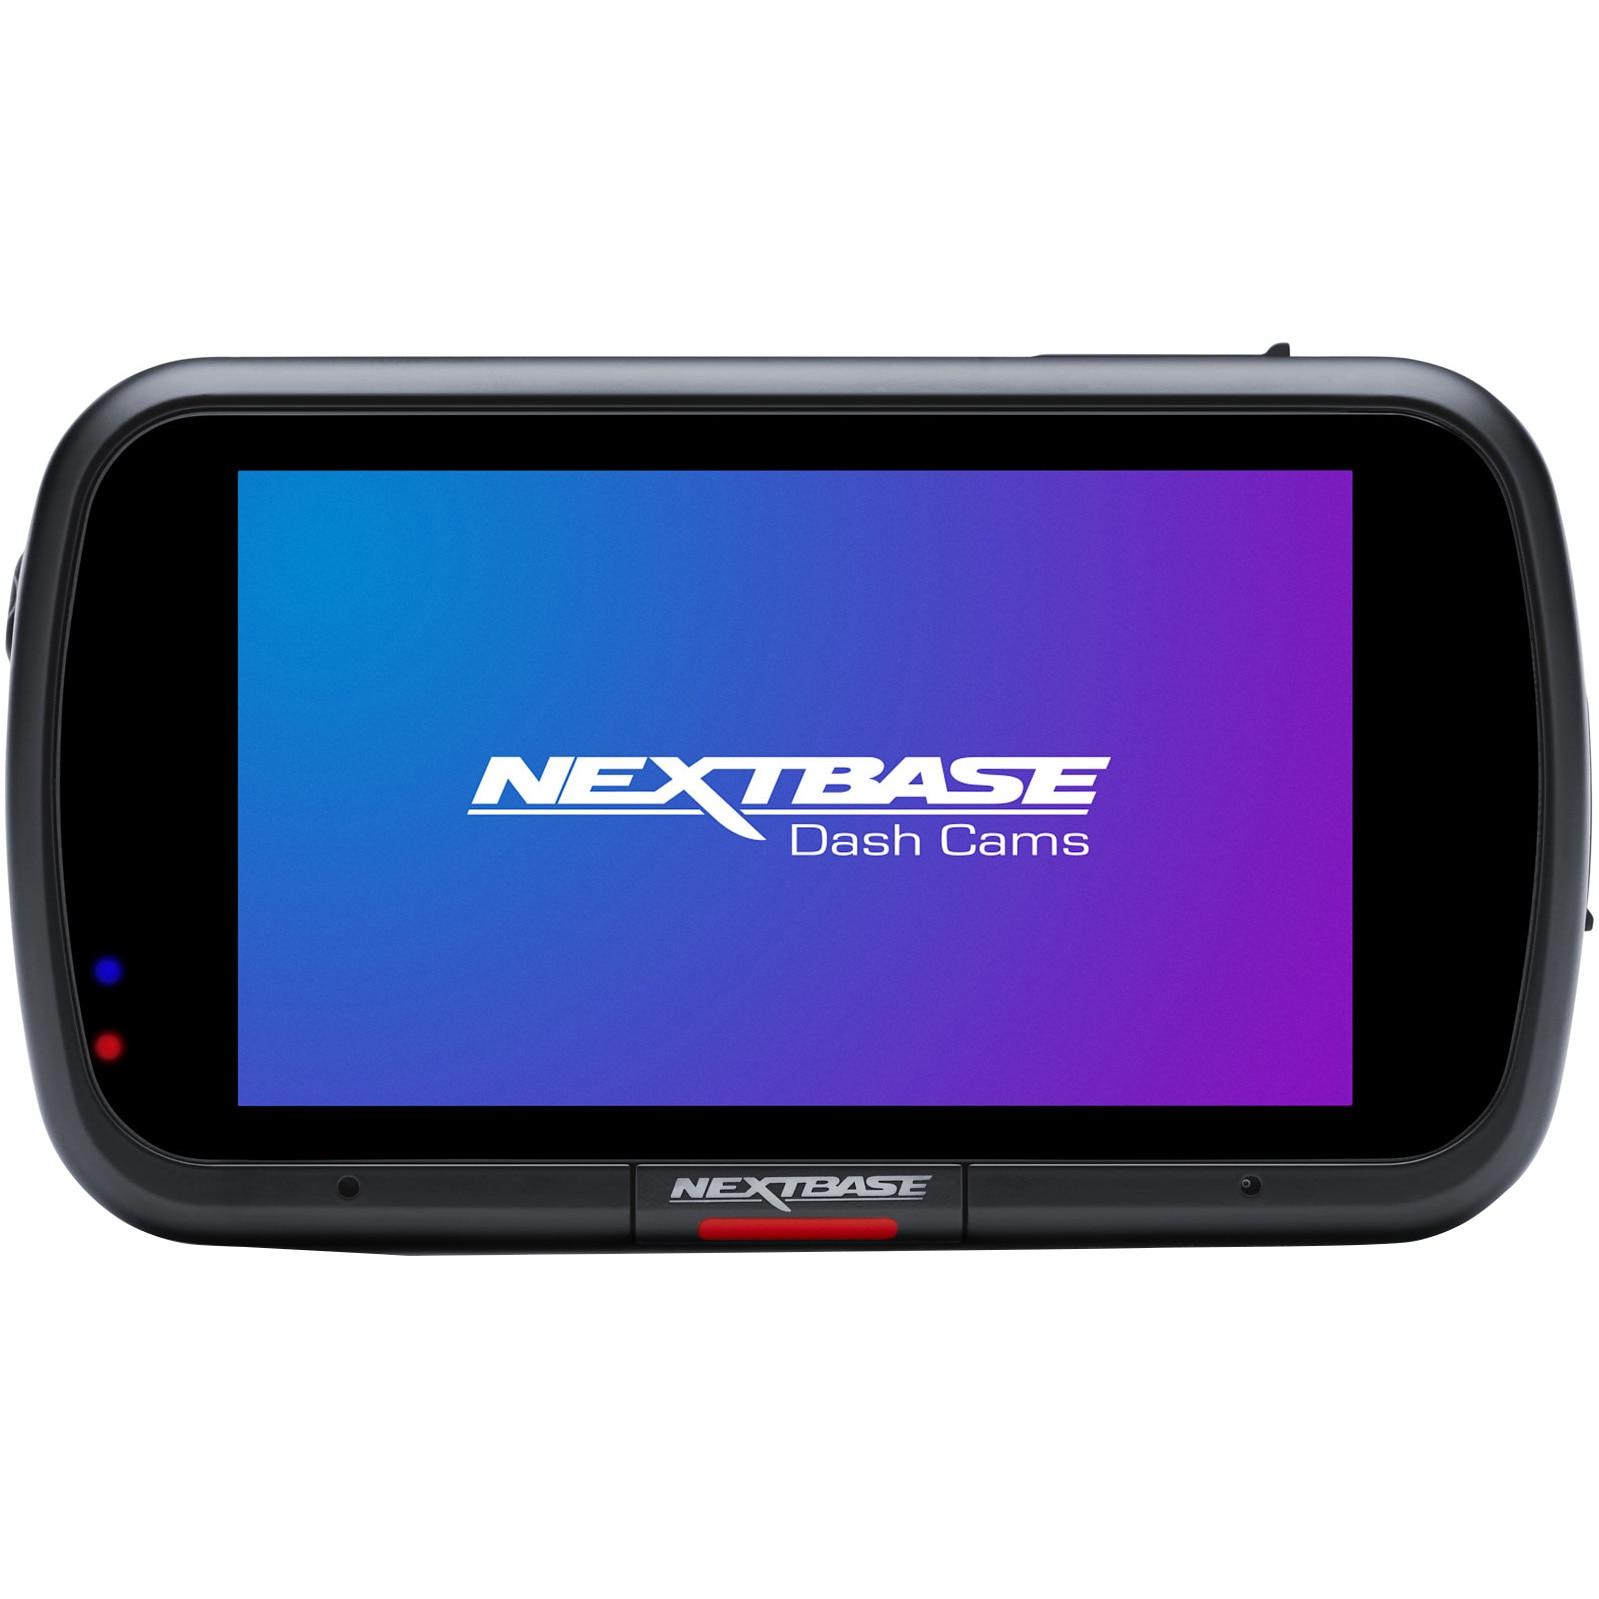 """Fotografie Camera auto DVR 4K Nextbase NBDVR622GW , Display IPS 3"""" HD, Stabilizator digital imagine, BluetoothTM , Wi-Fi, Aplicatie iOS, Android, Localizare GPS, M, 140° unghi de vizualizare, Mod Parcare Inteligent, Filtru de polarizare"""